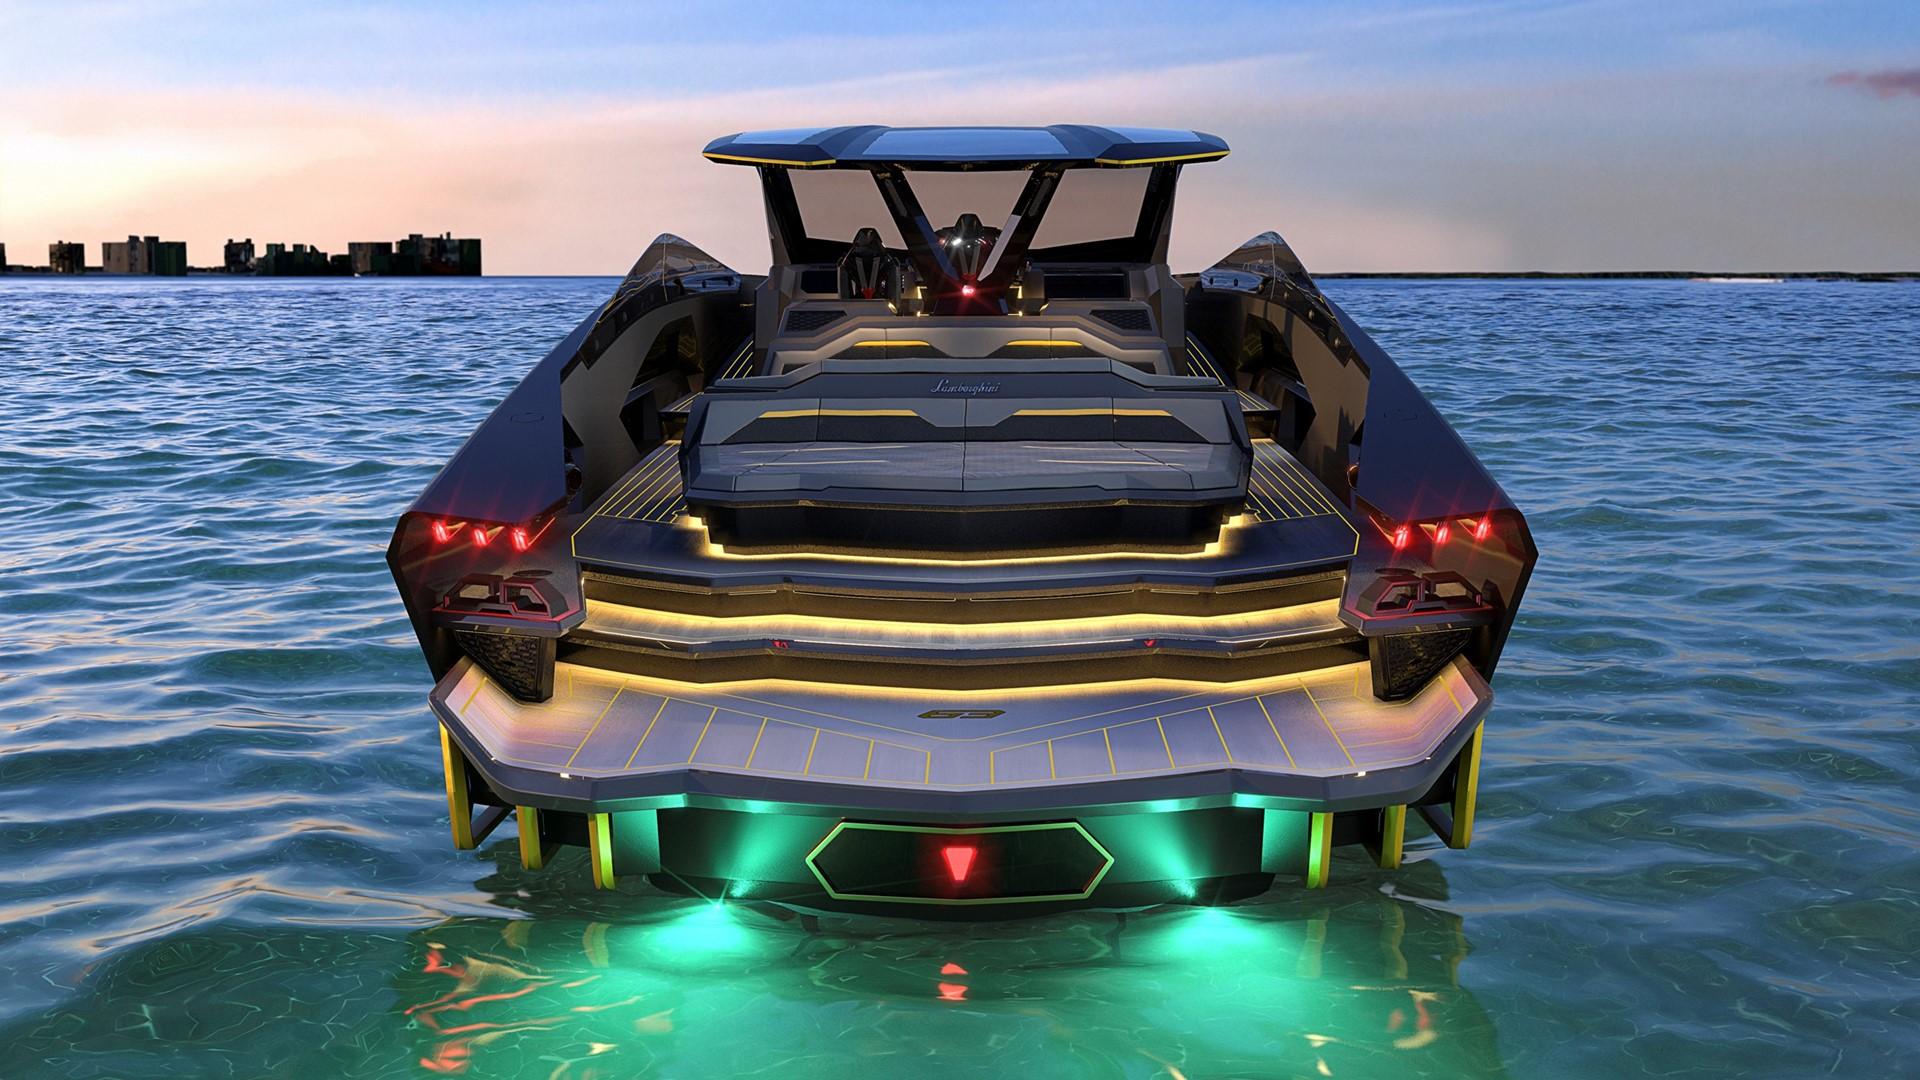 Automobili Lamborghini and The Italian Sea Group unveil the motor yacht 'Tecnomar for Lamborghini 63' - Image 5